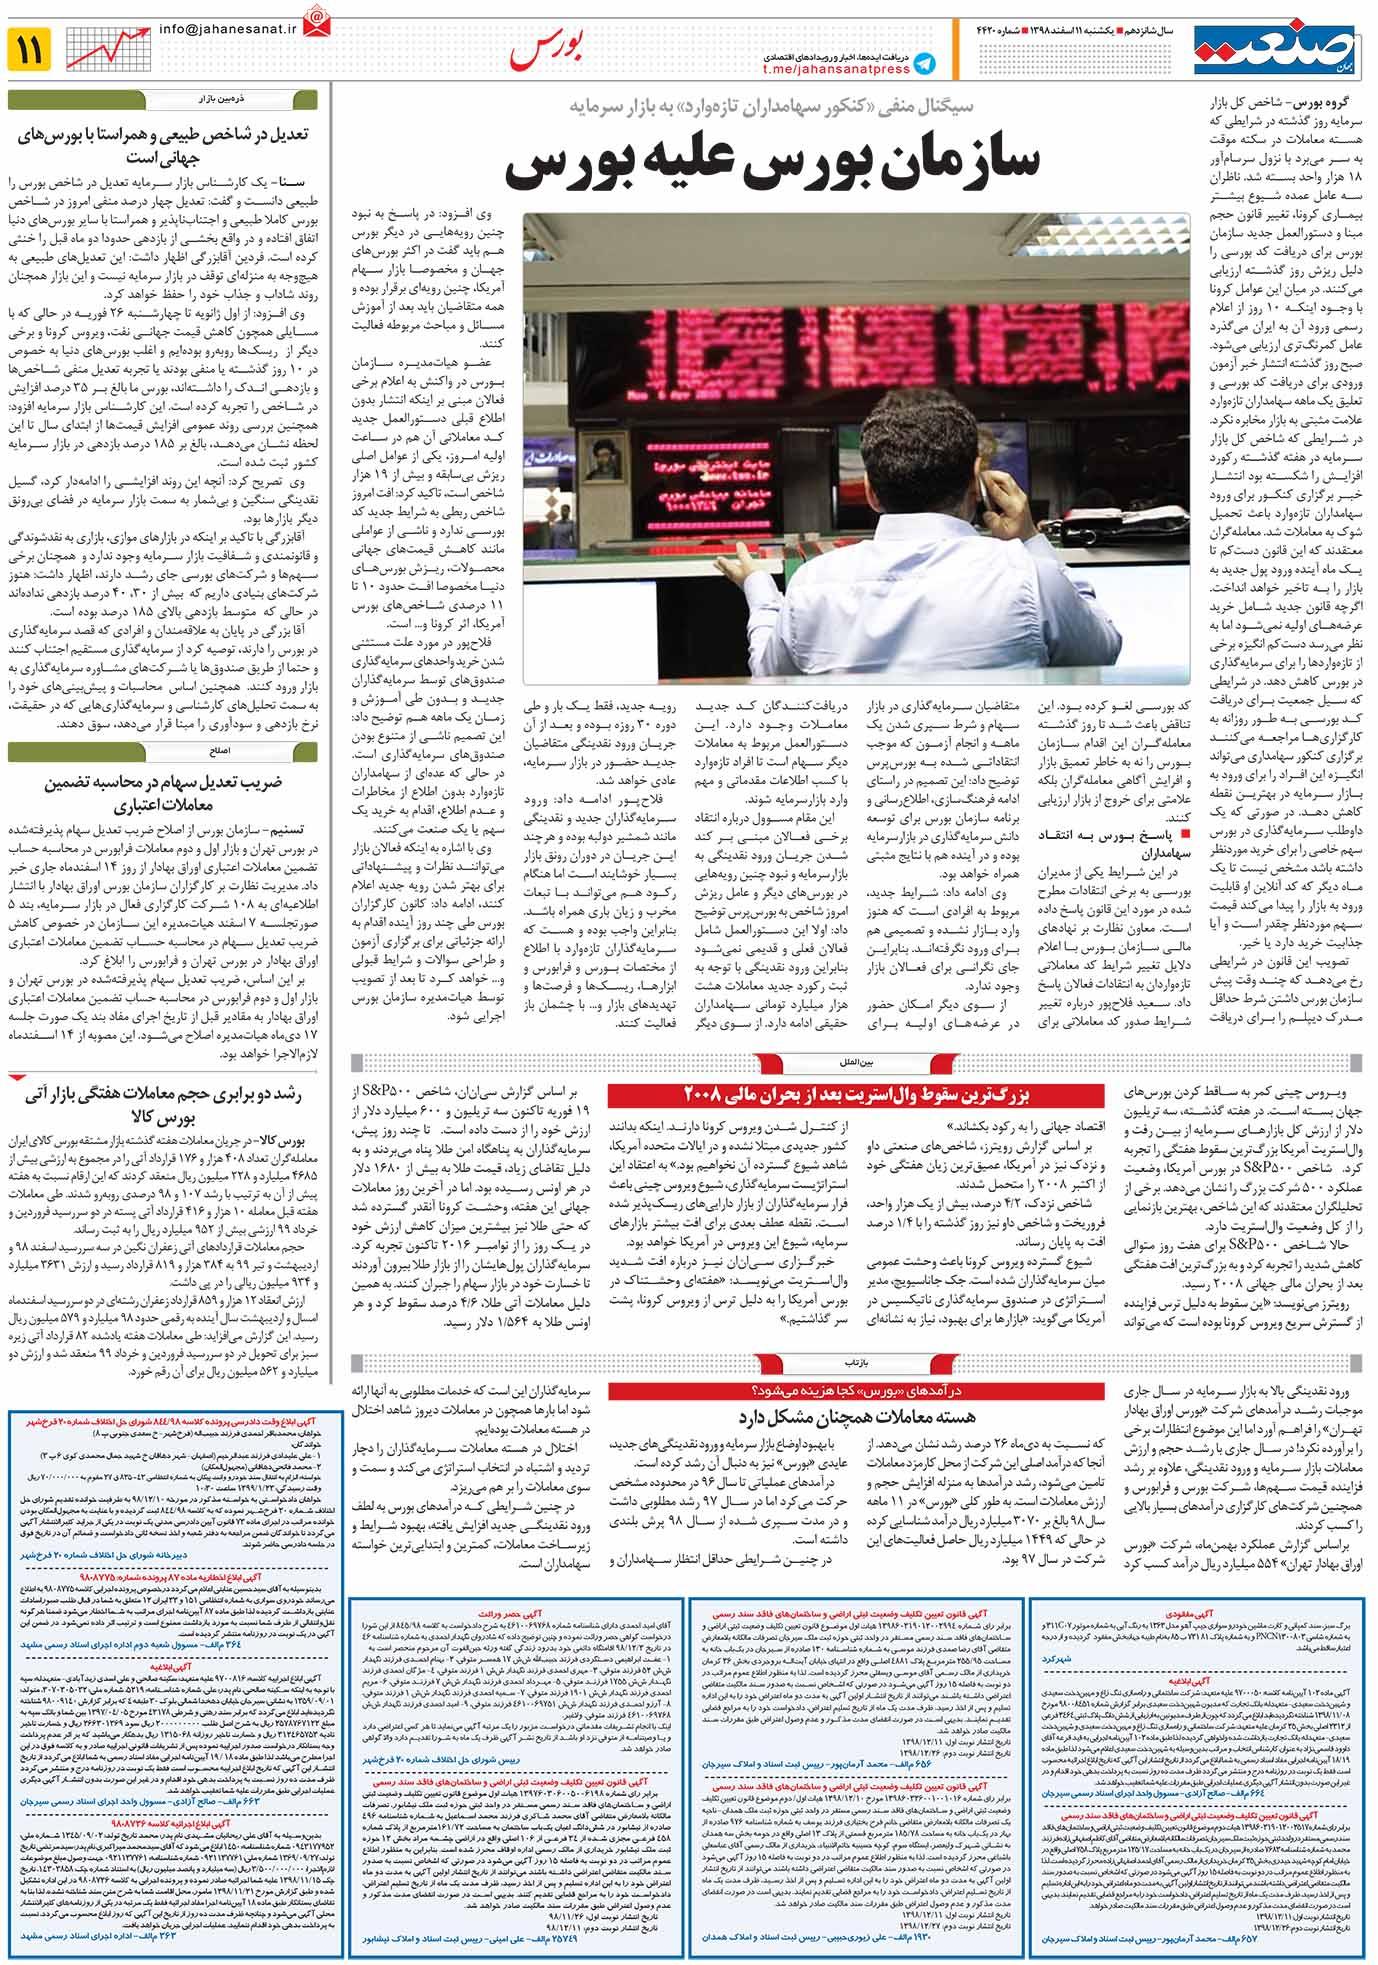 صفحه۱۱-۱۱سفند۱۳۹۸